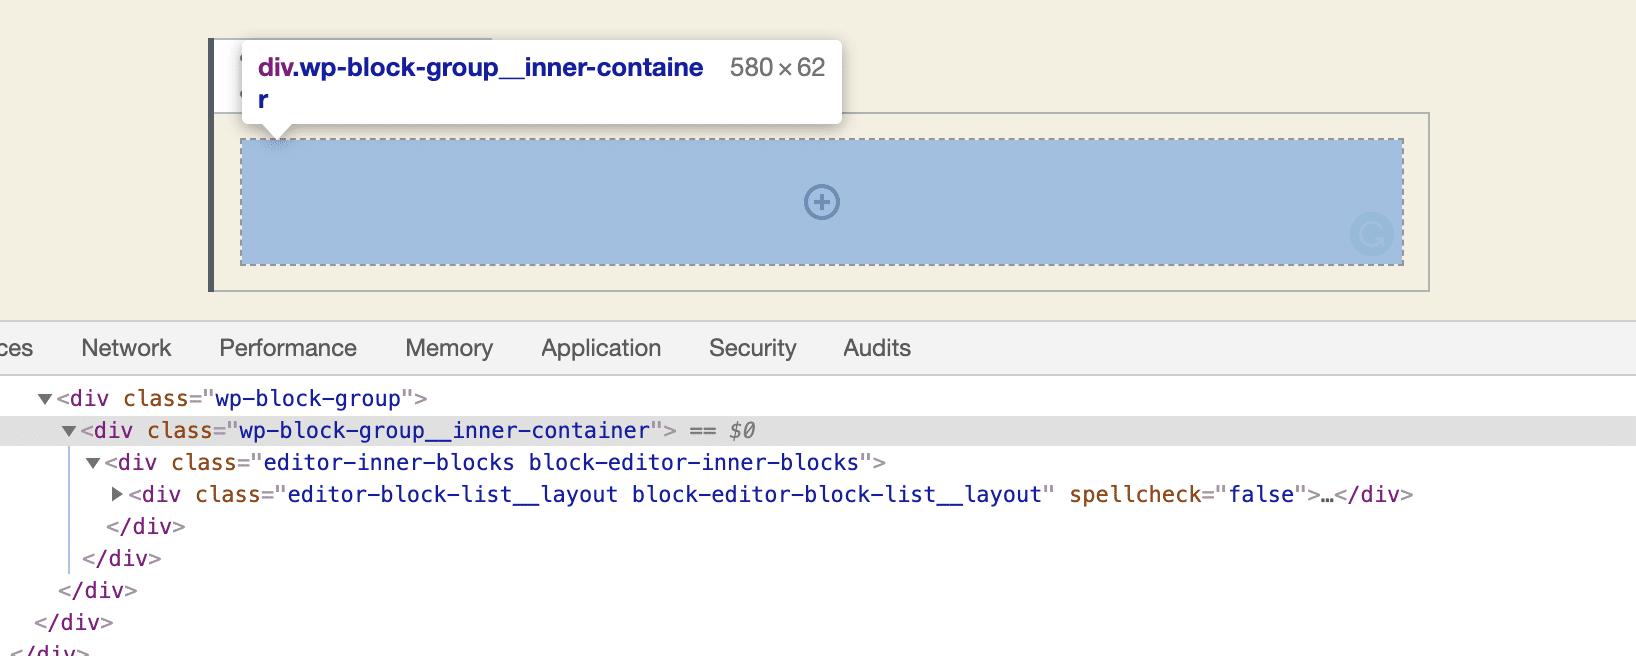 Agrupar bloco interno do container no Editor de Blocos